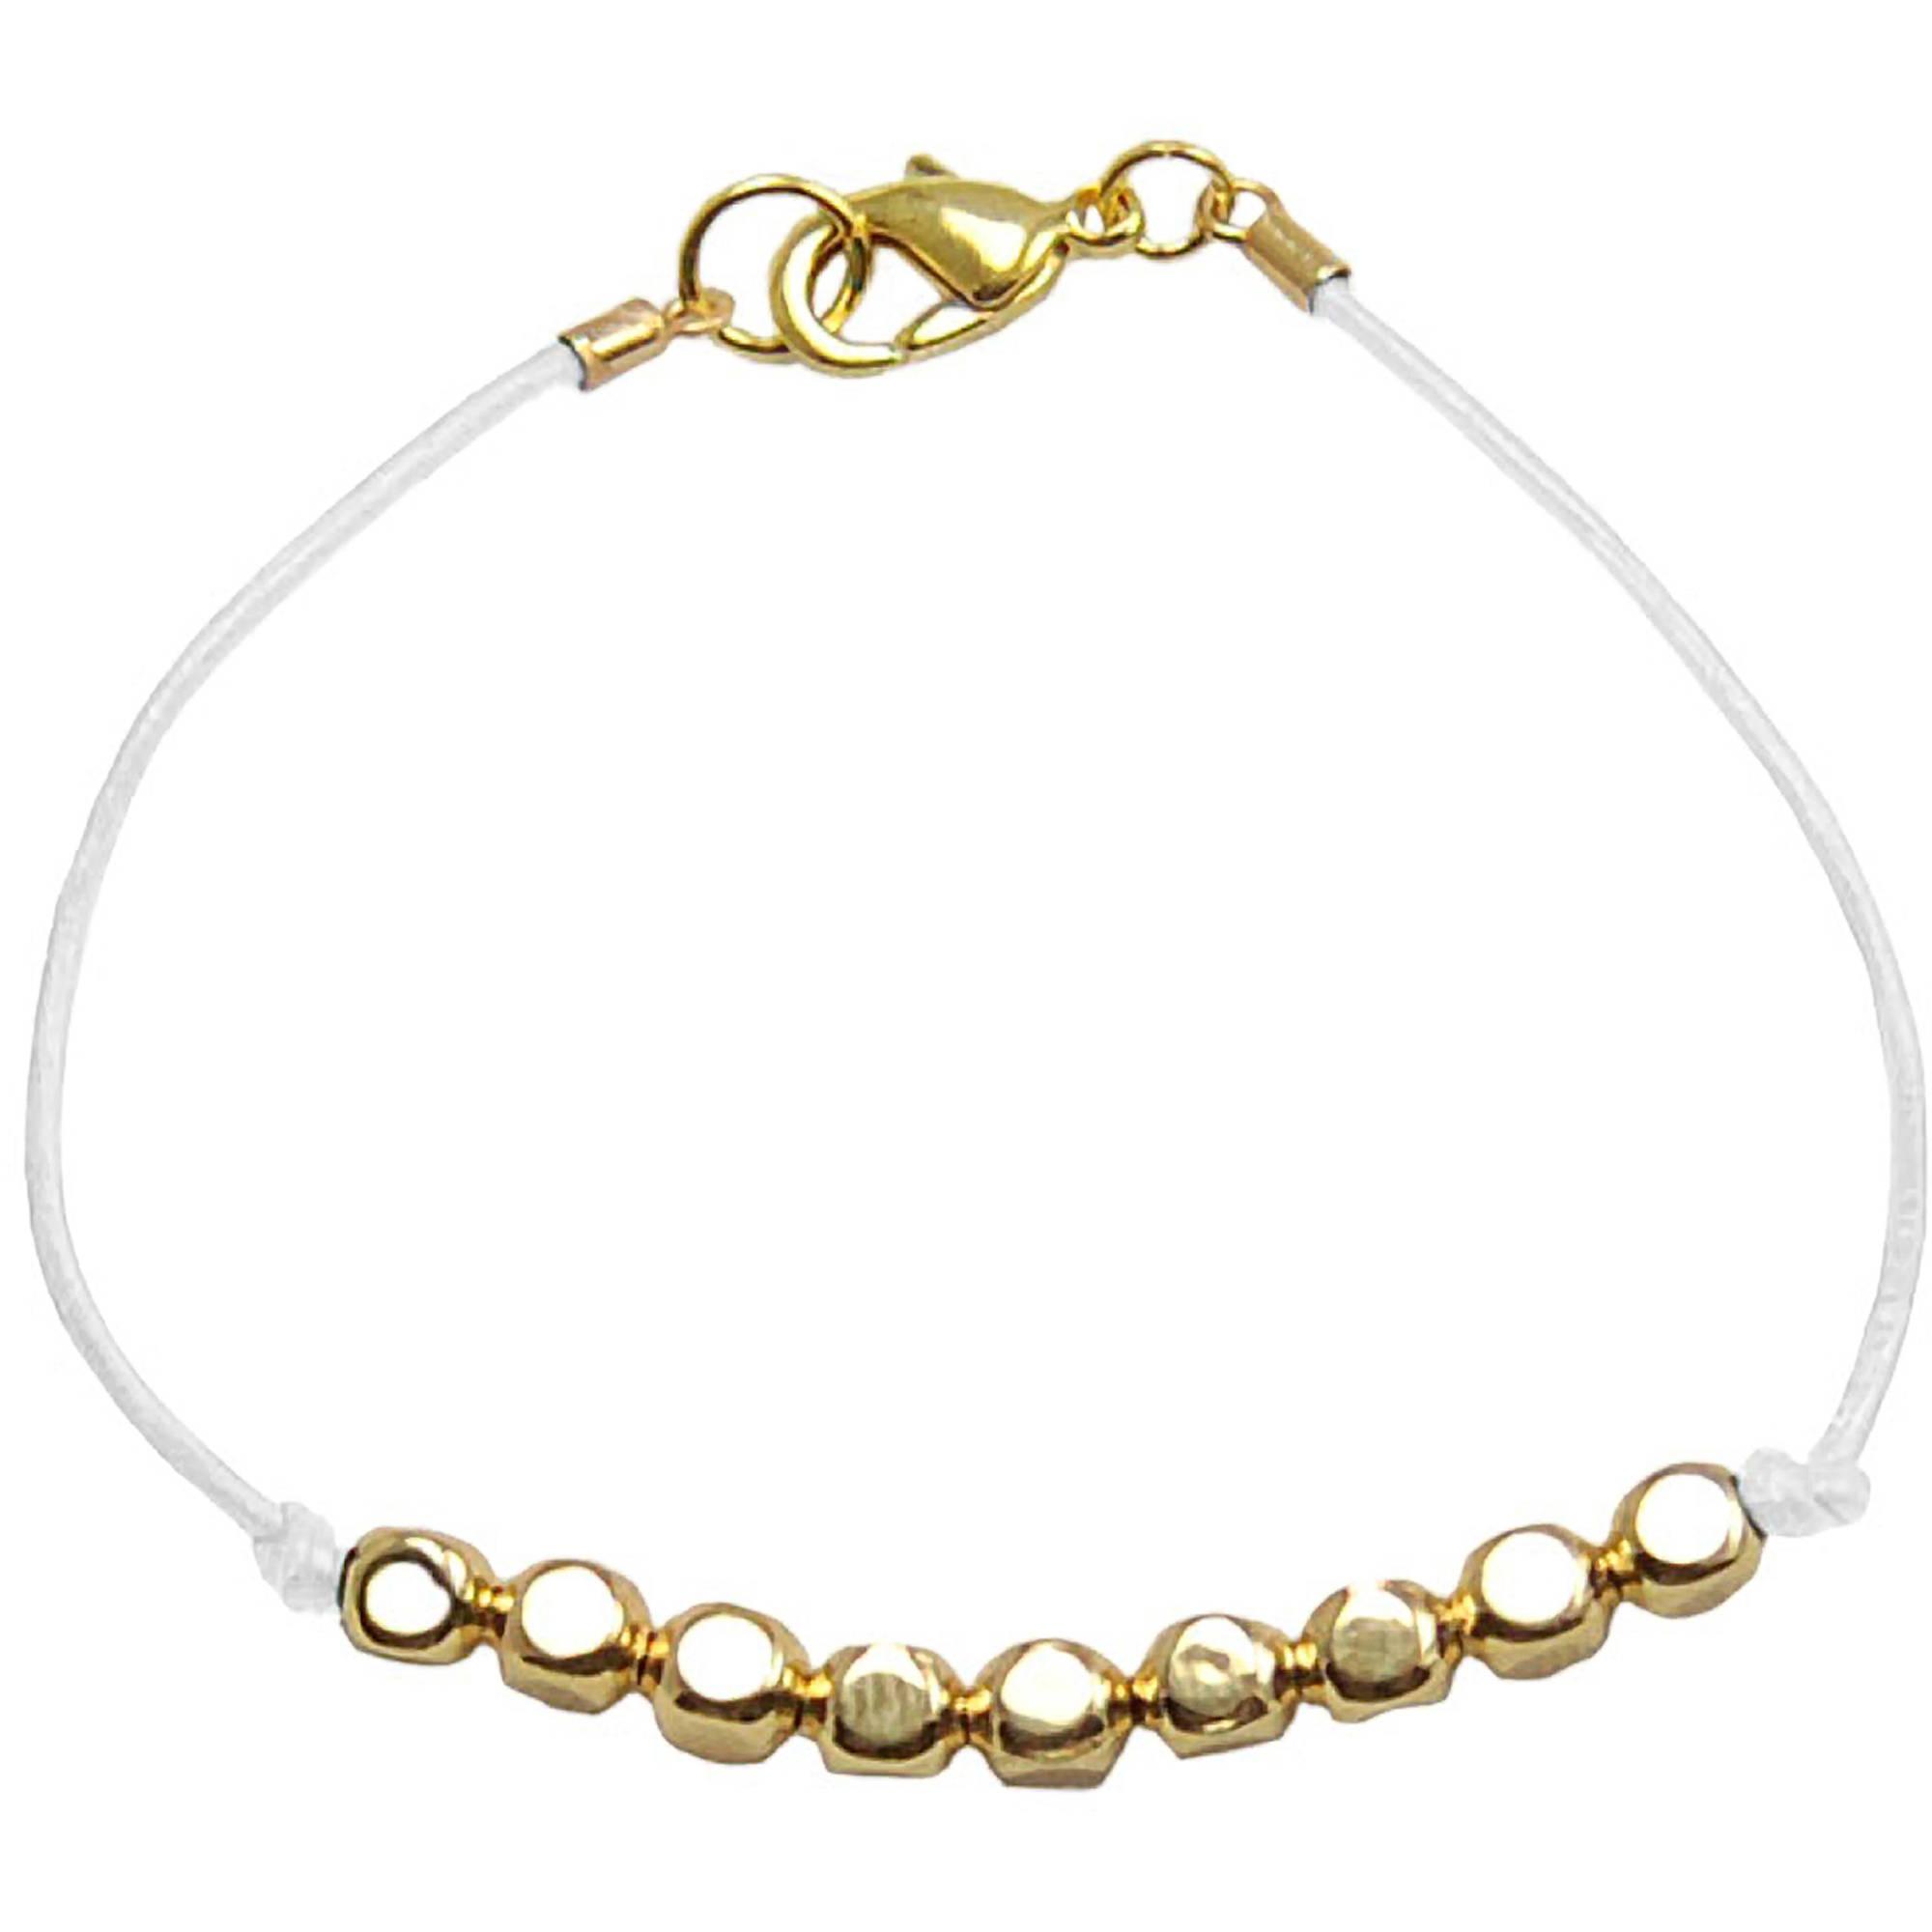 Miss Zoe by Calinana Dot Leather Bracelet, White/Gold